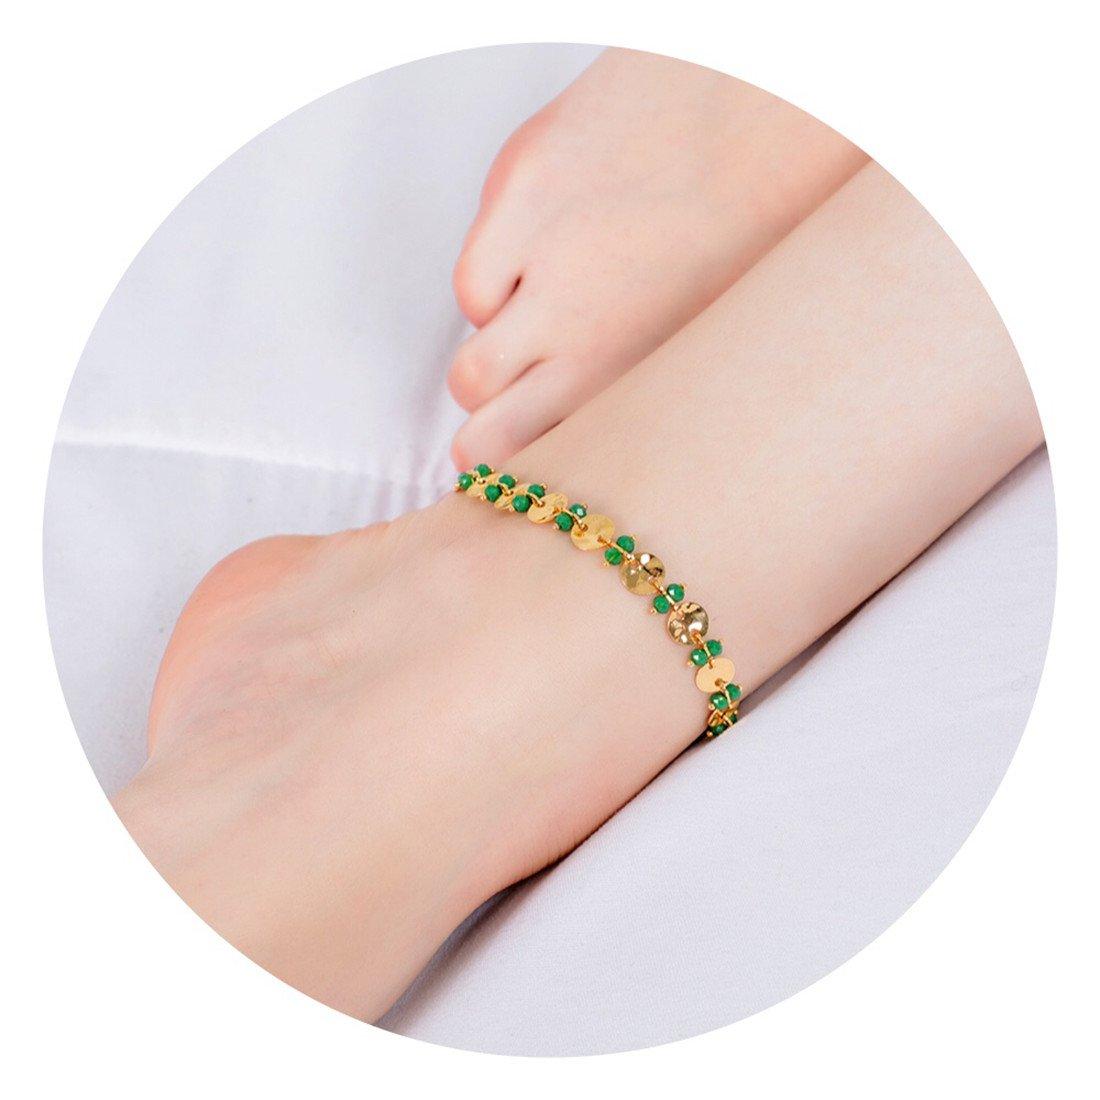 Fettero Anklet Bracelet Handmade Beach Boho Foot Jewelry Gold Heart Enamel Arrow Chevron Fishbone Chain Multicolored Seed Bead AK3-1